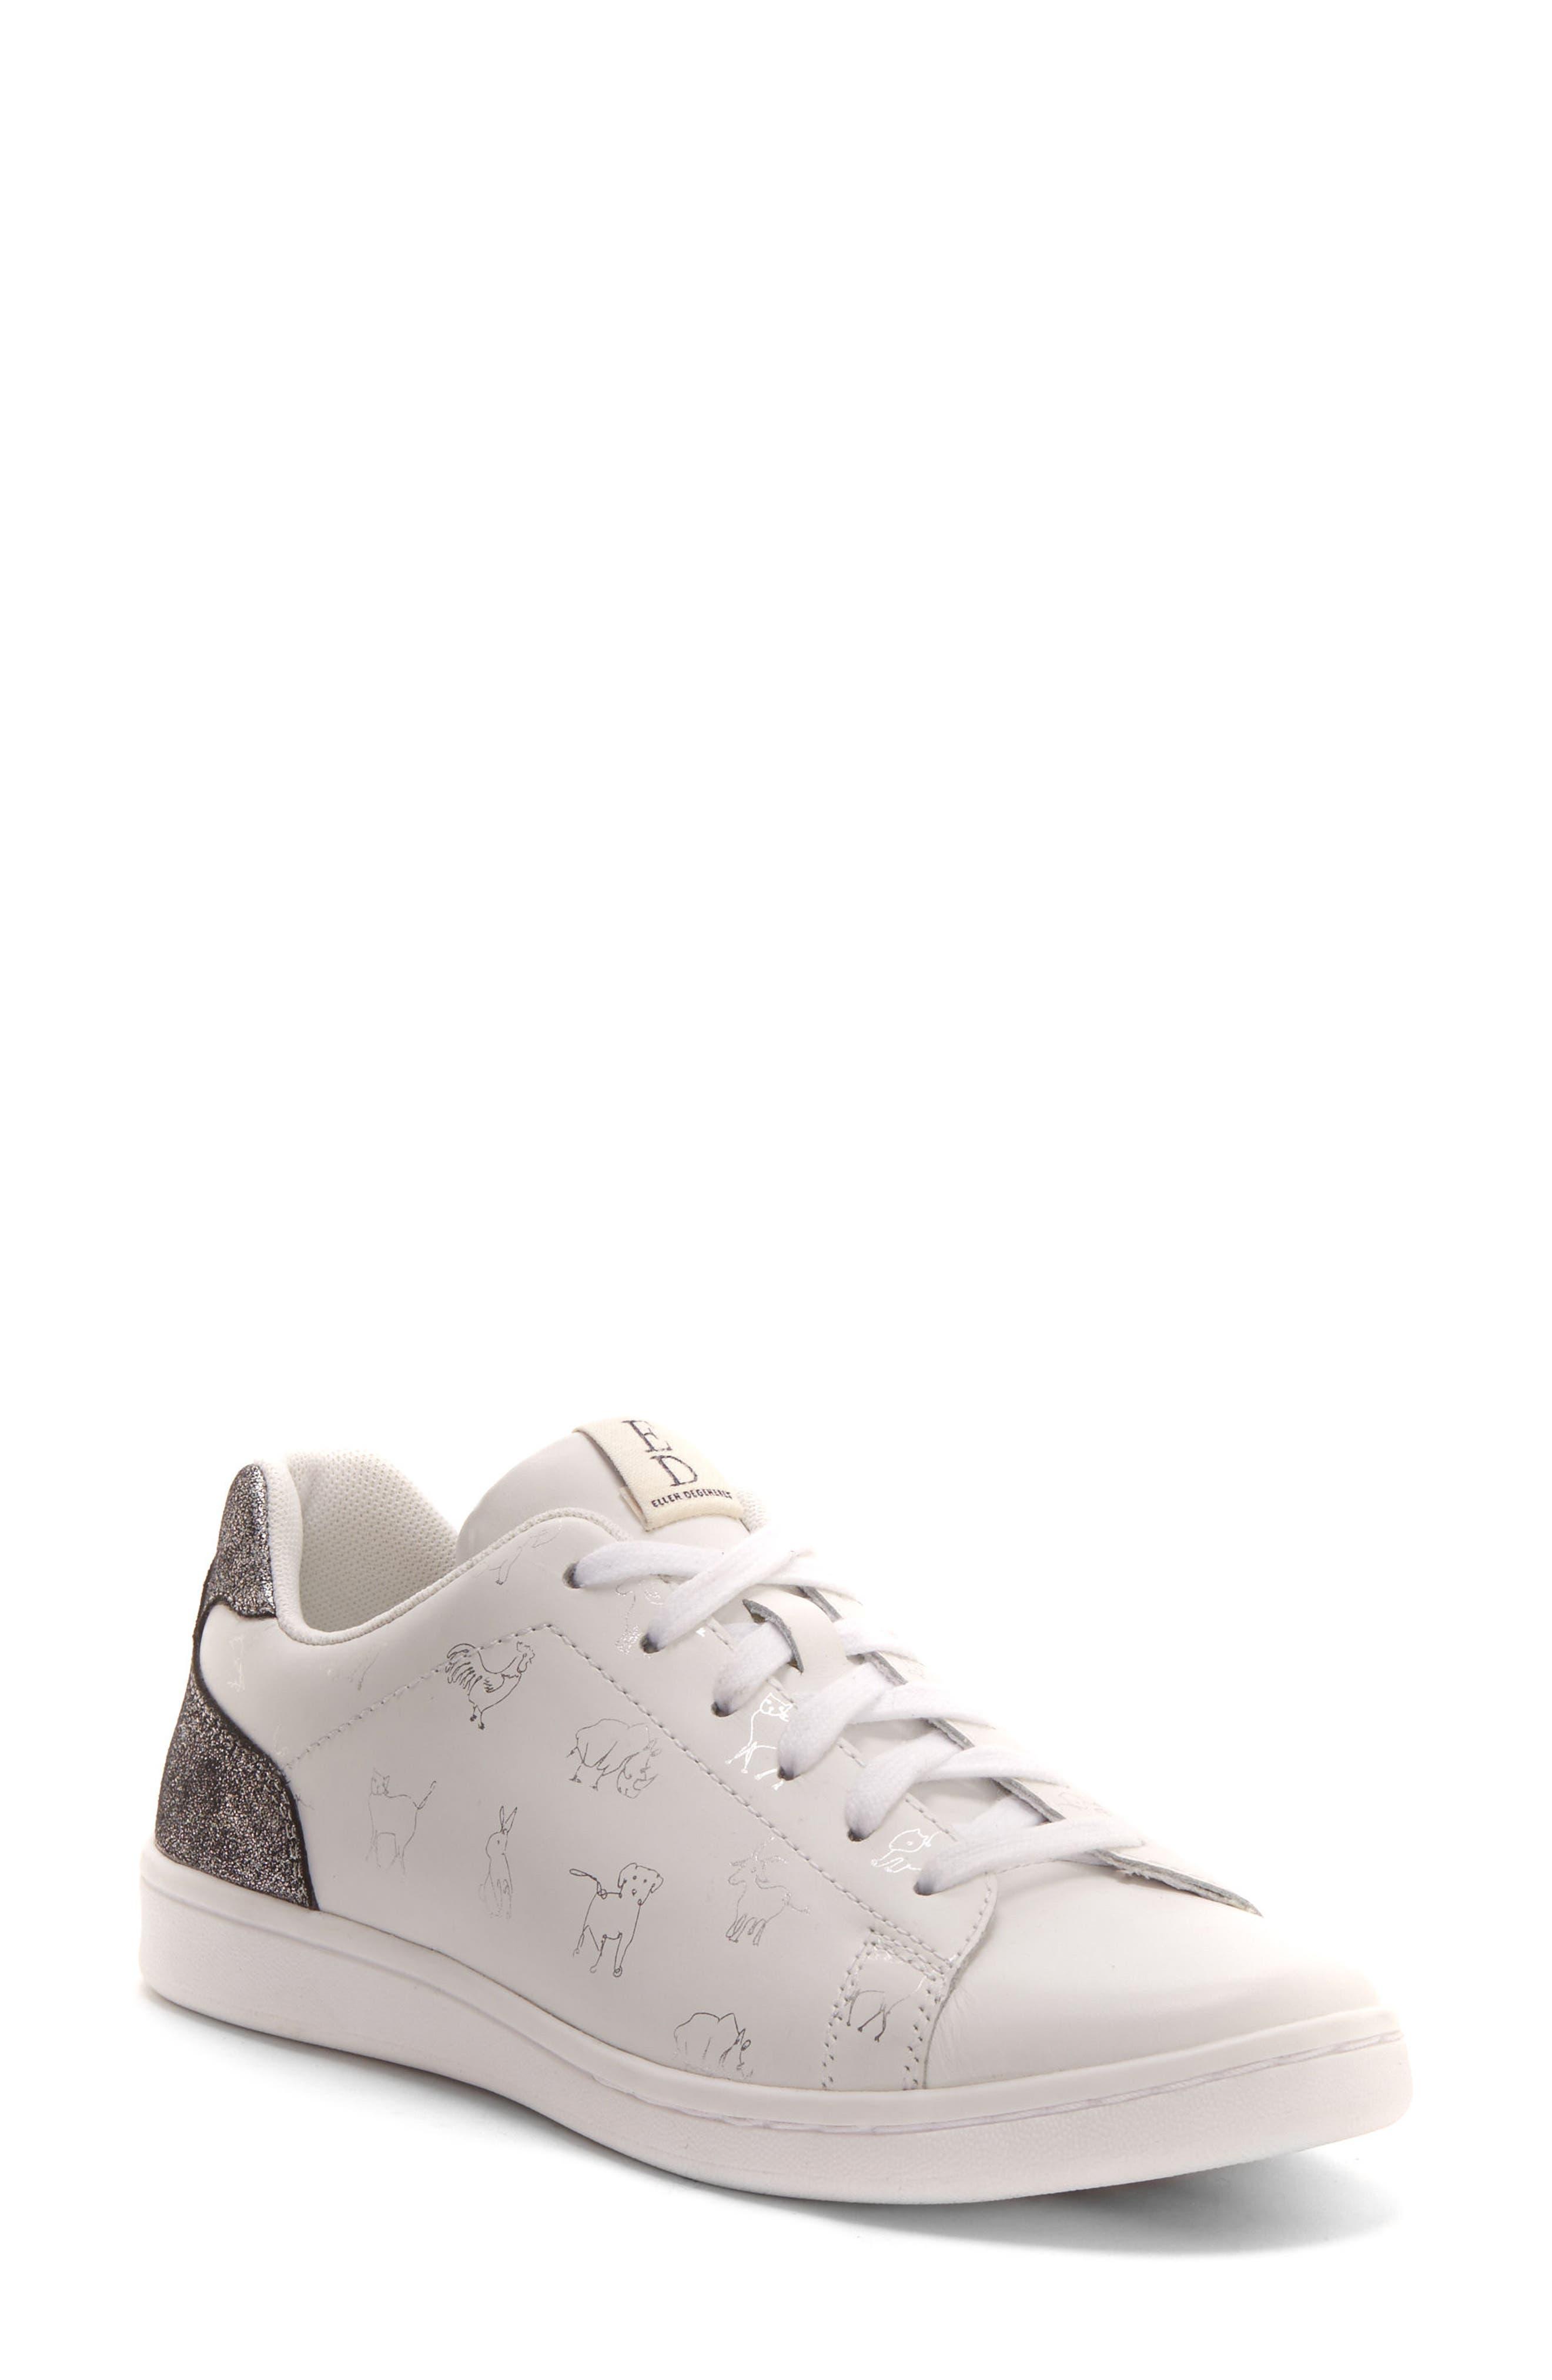 Alternate Image 1 Selected - ED Ellen DeGeneres Chaboss Sneaker (Women)